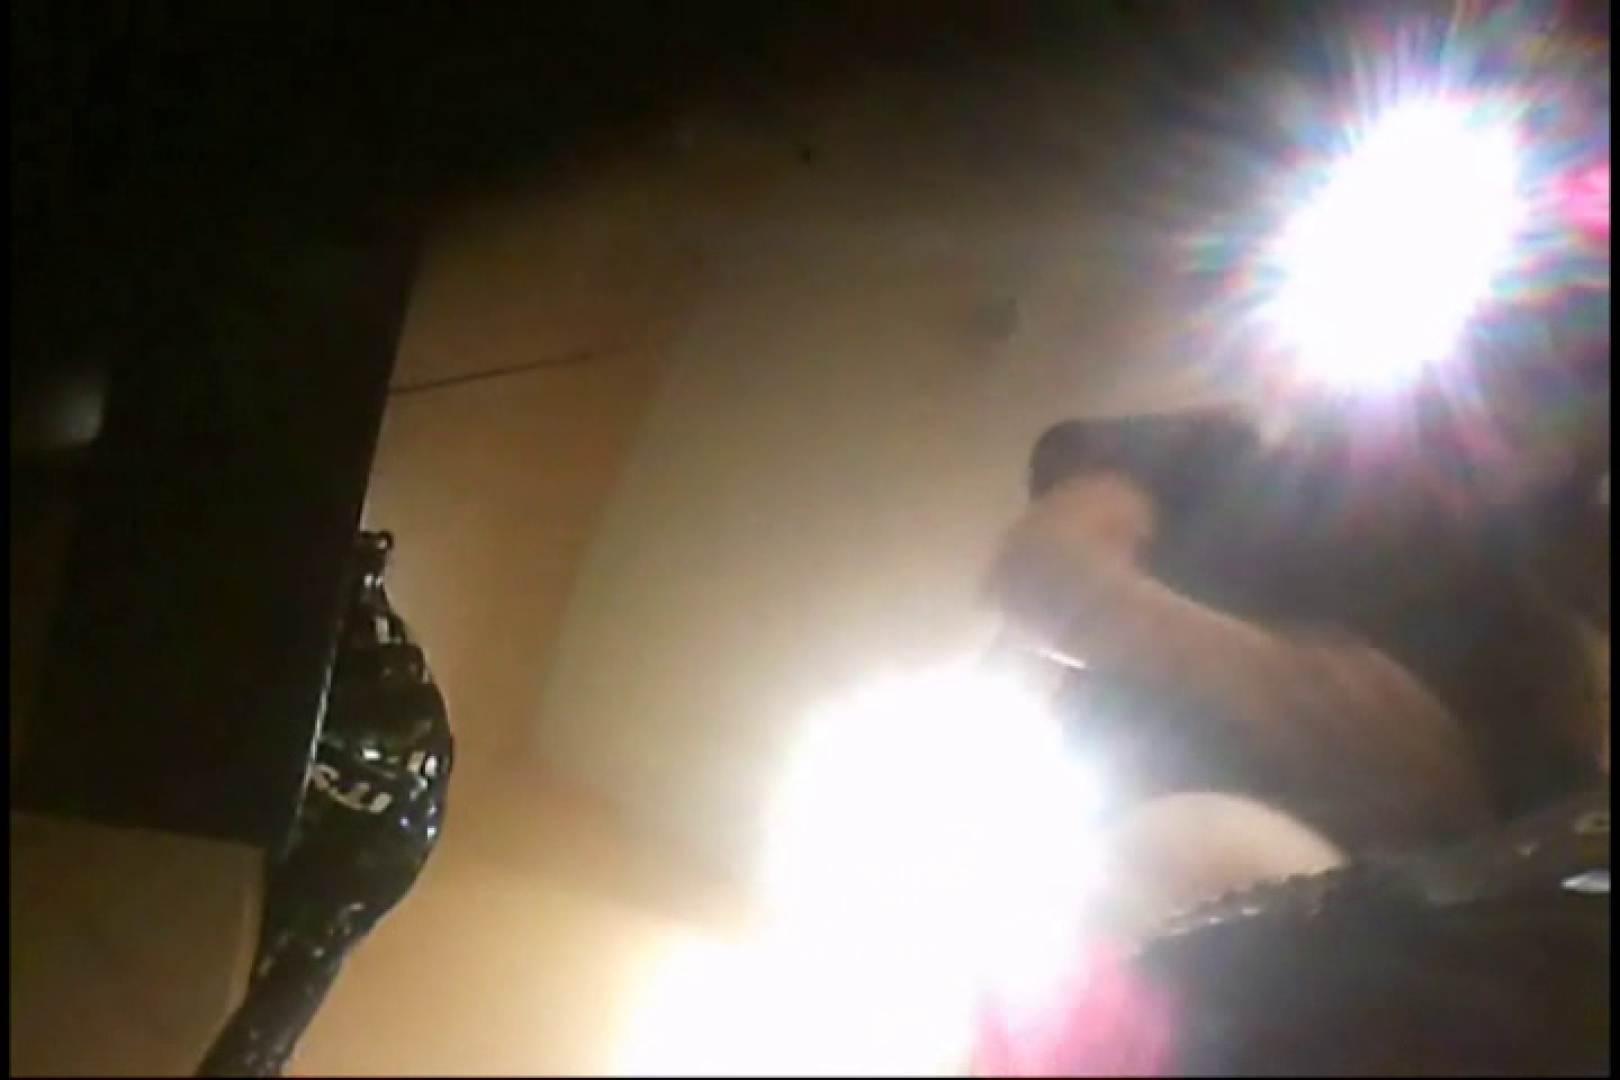 画質向上!新亀さん厠 vol.60 OLのエロ生活 セックス無修正動画無料 49連発 20